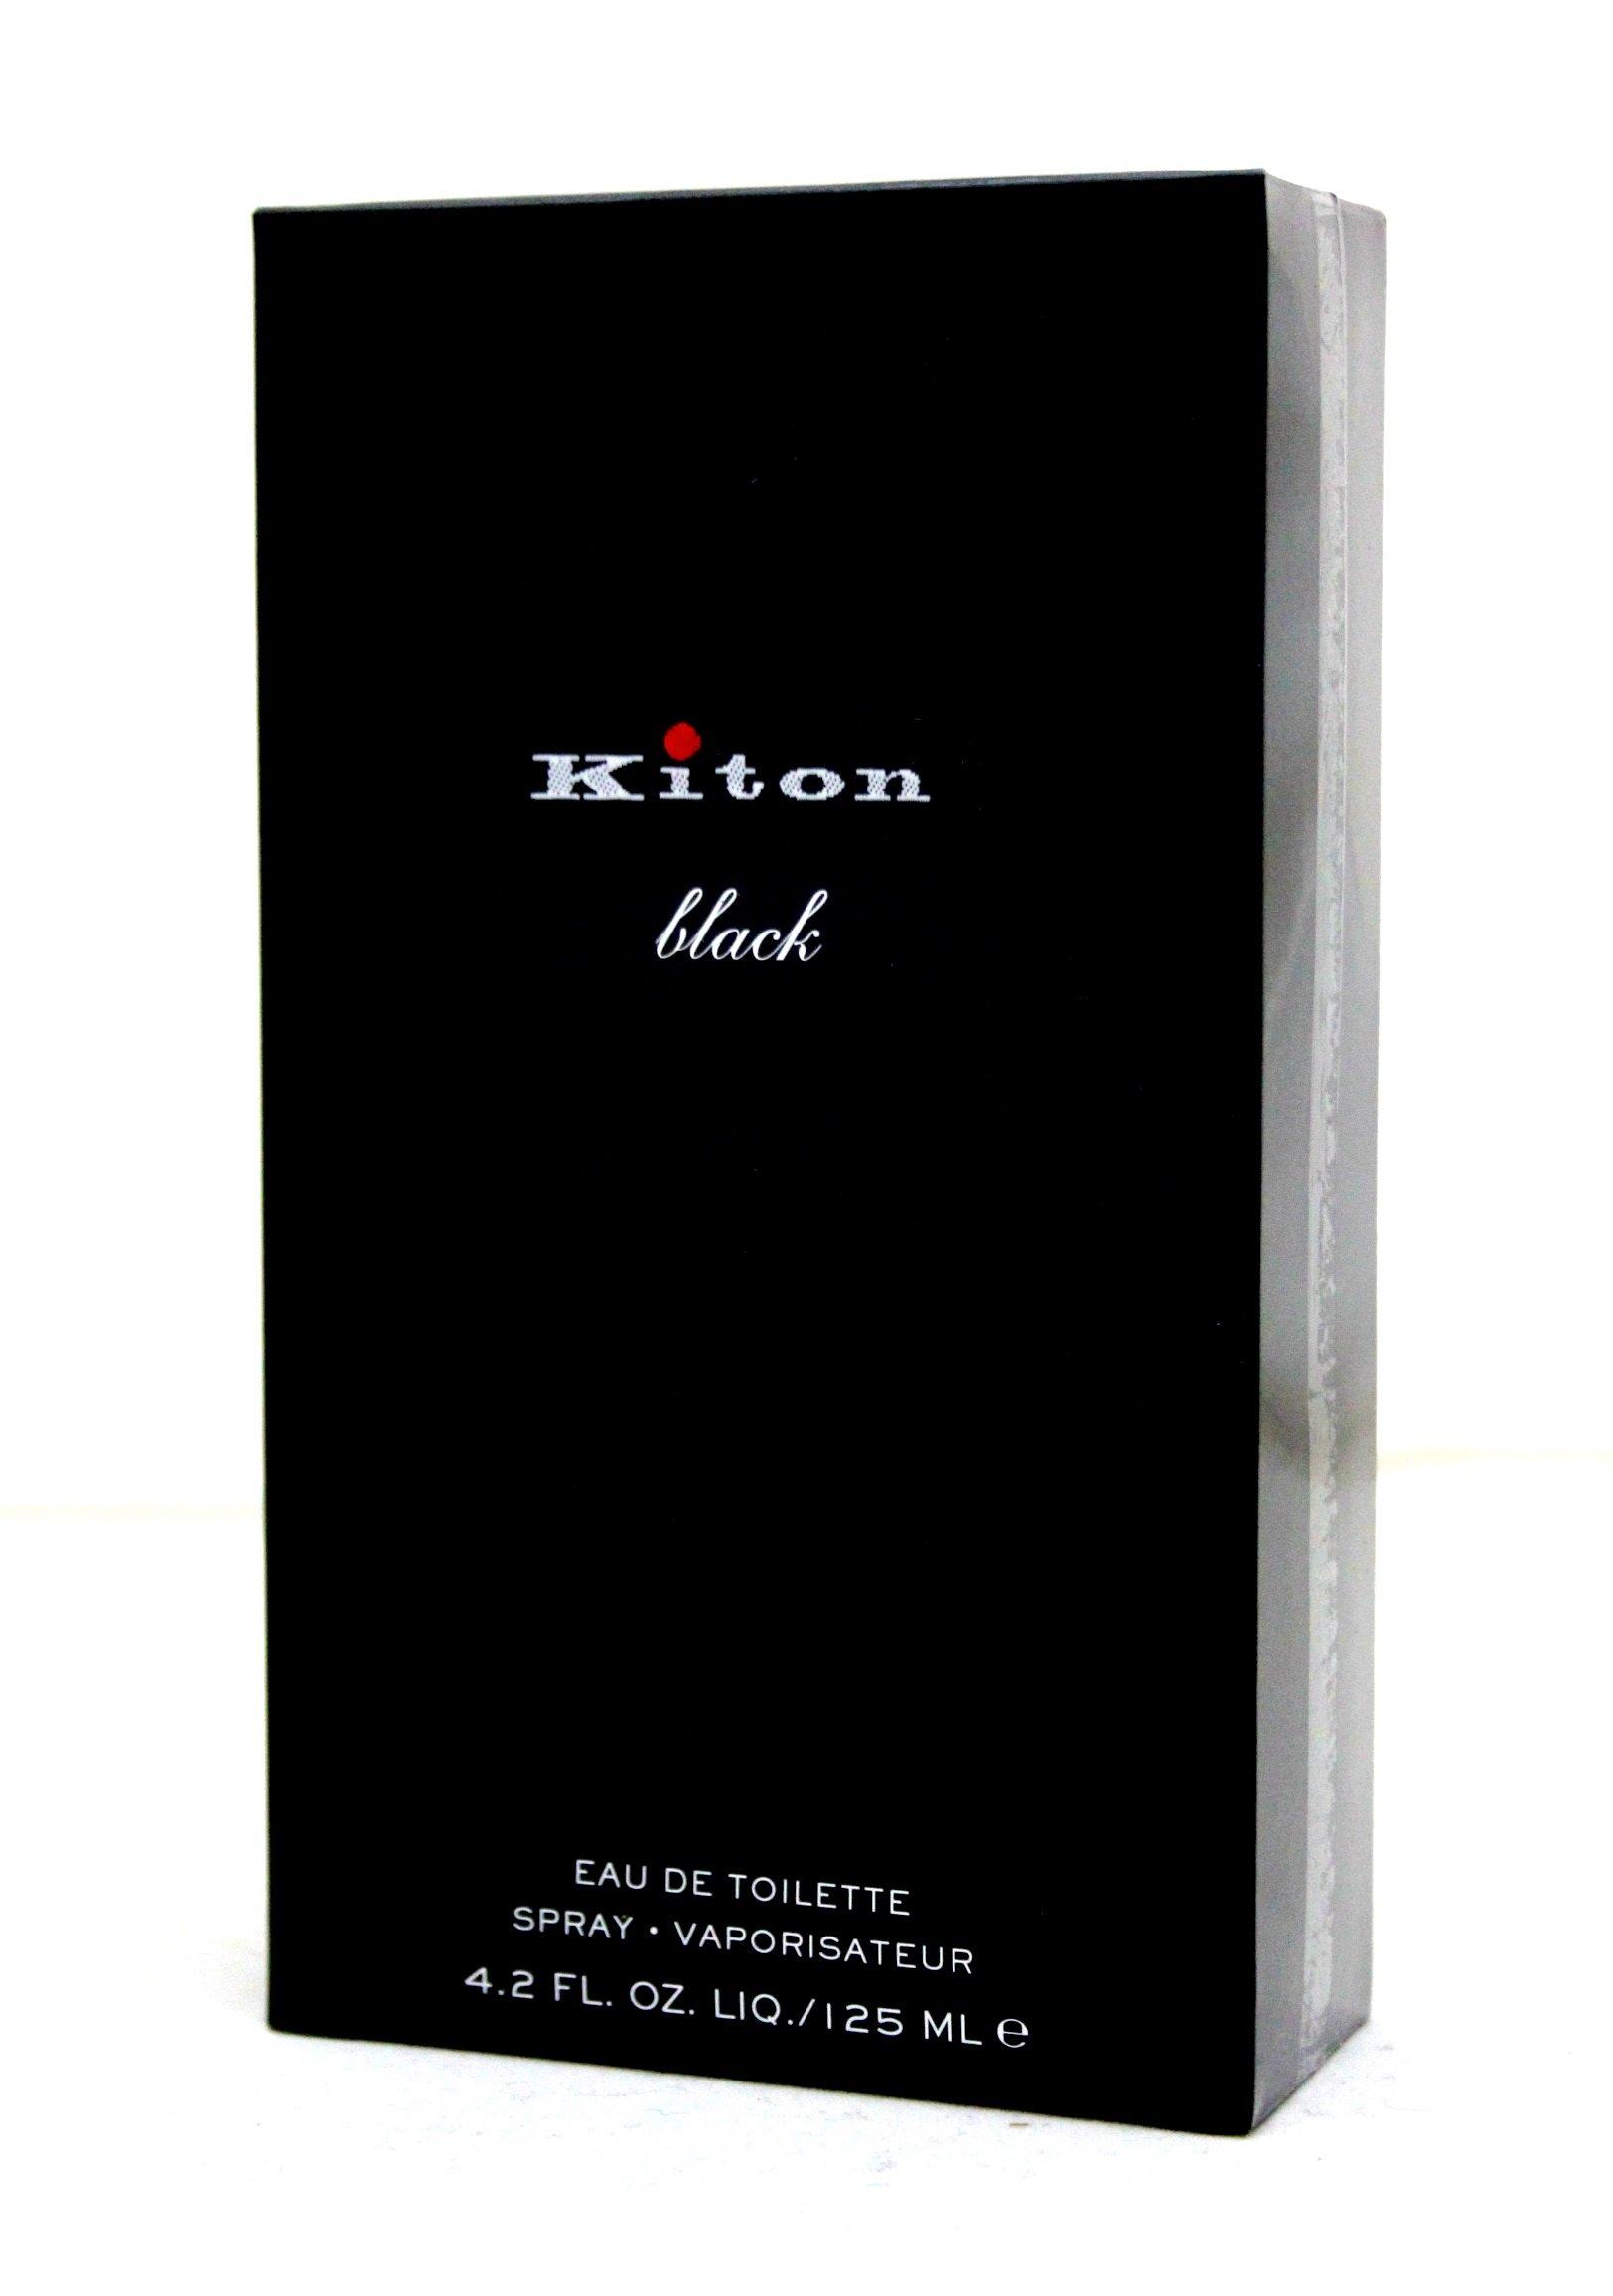 Kiton Kiton Black Eau de Toilette